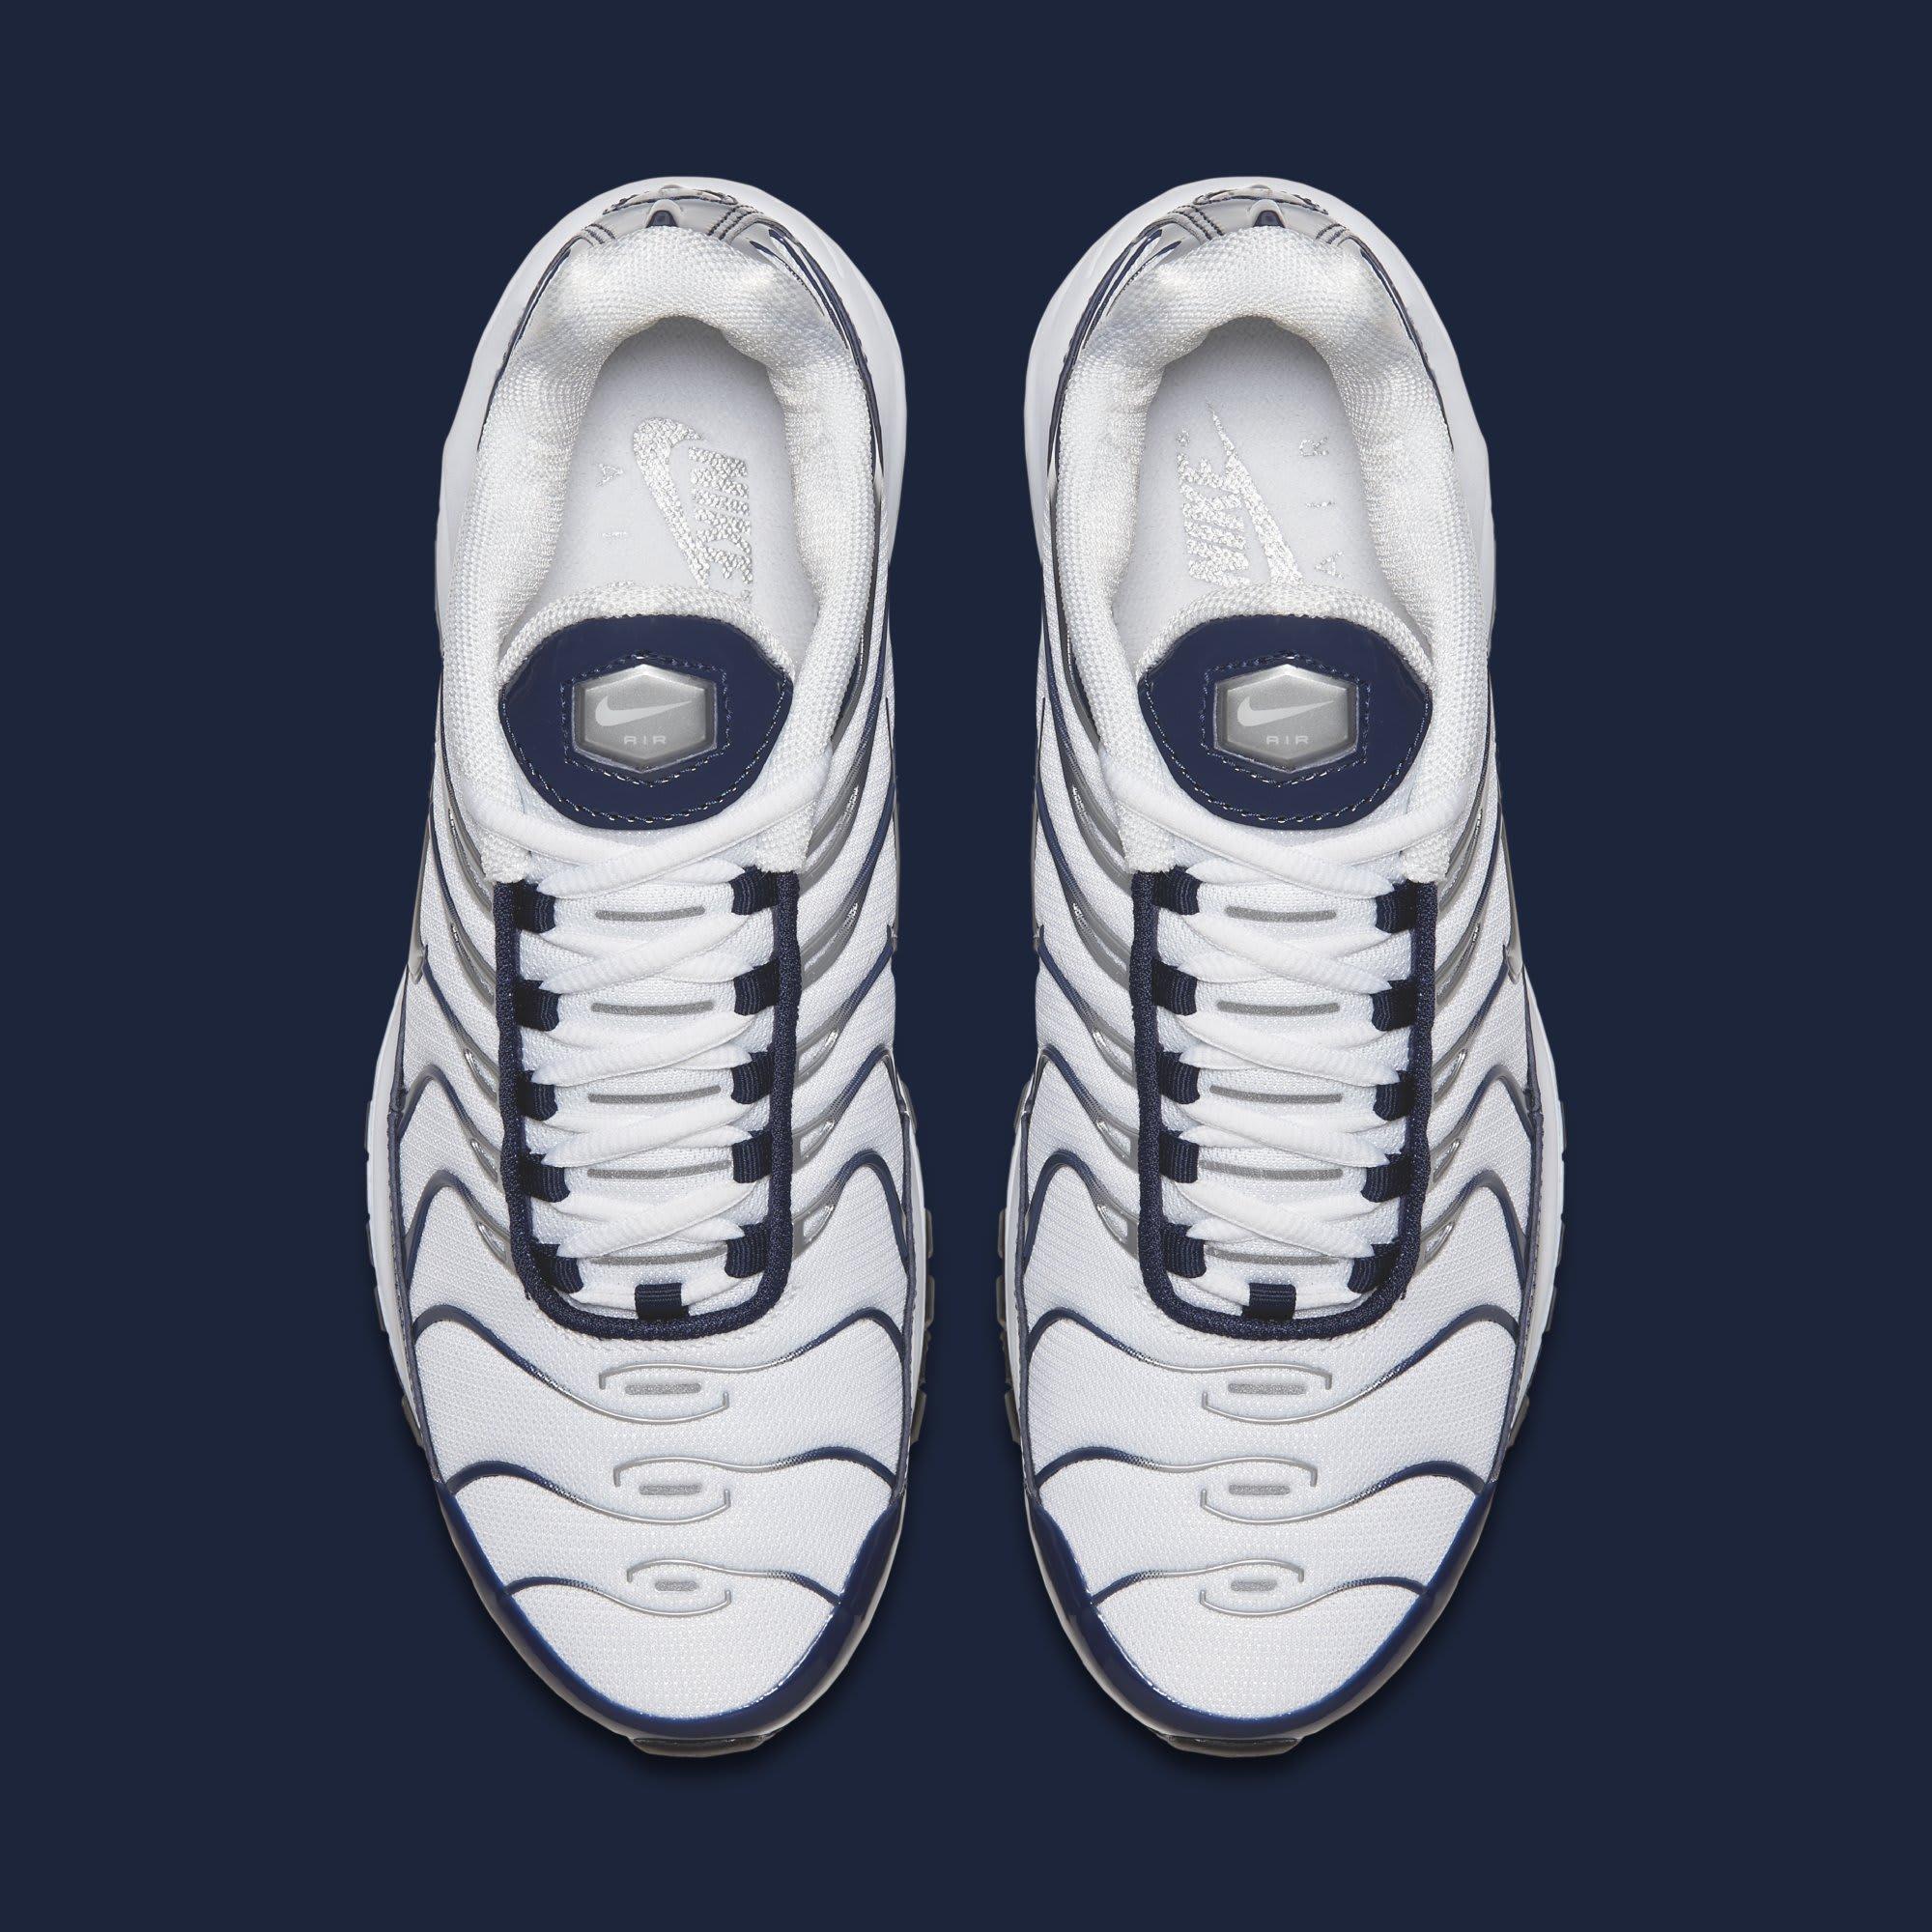 e1644f60df9 Nike Air Max 97 Plus AH8144-100 Release Date - Premier Kicks